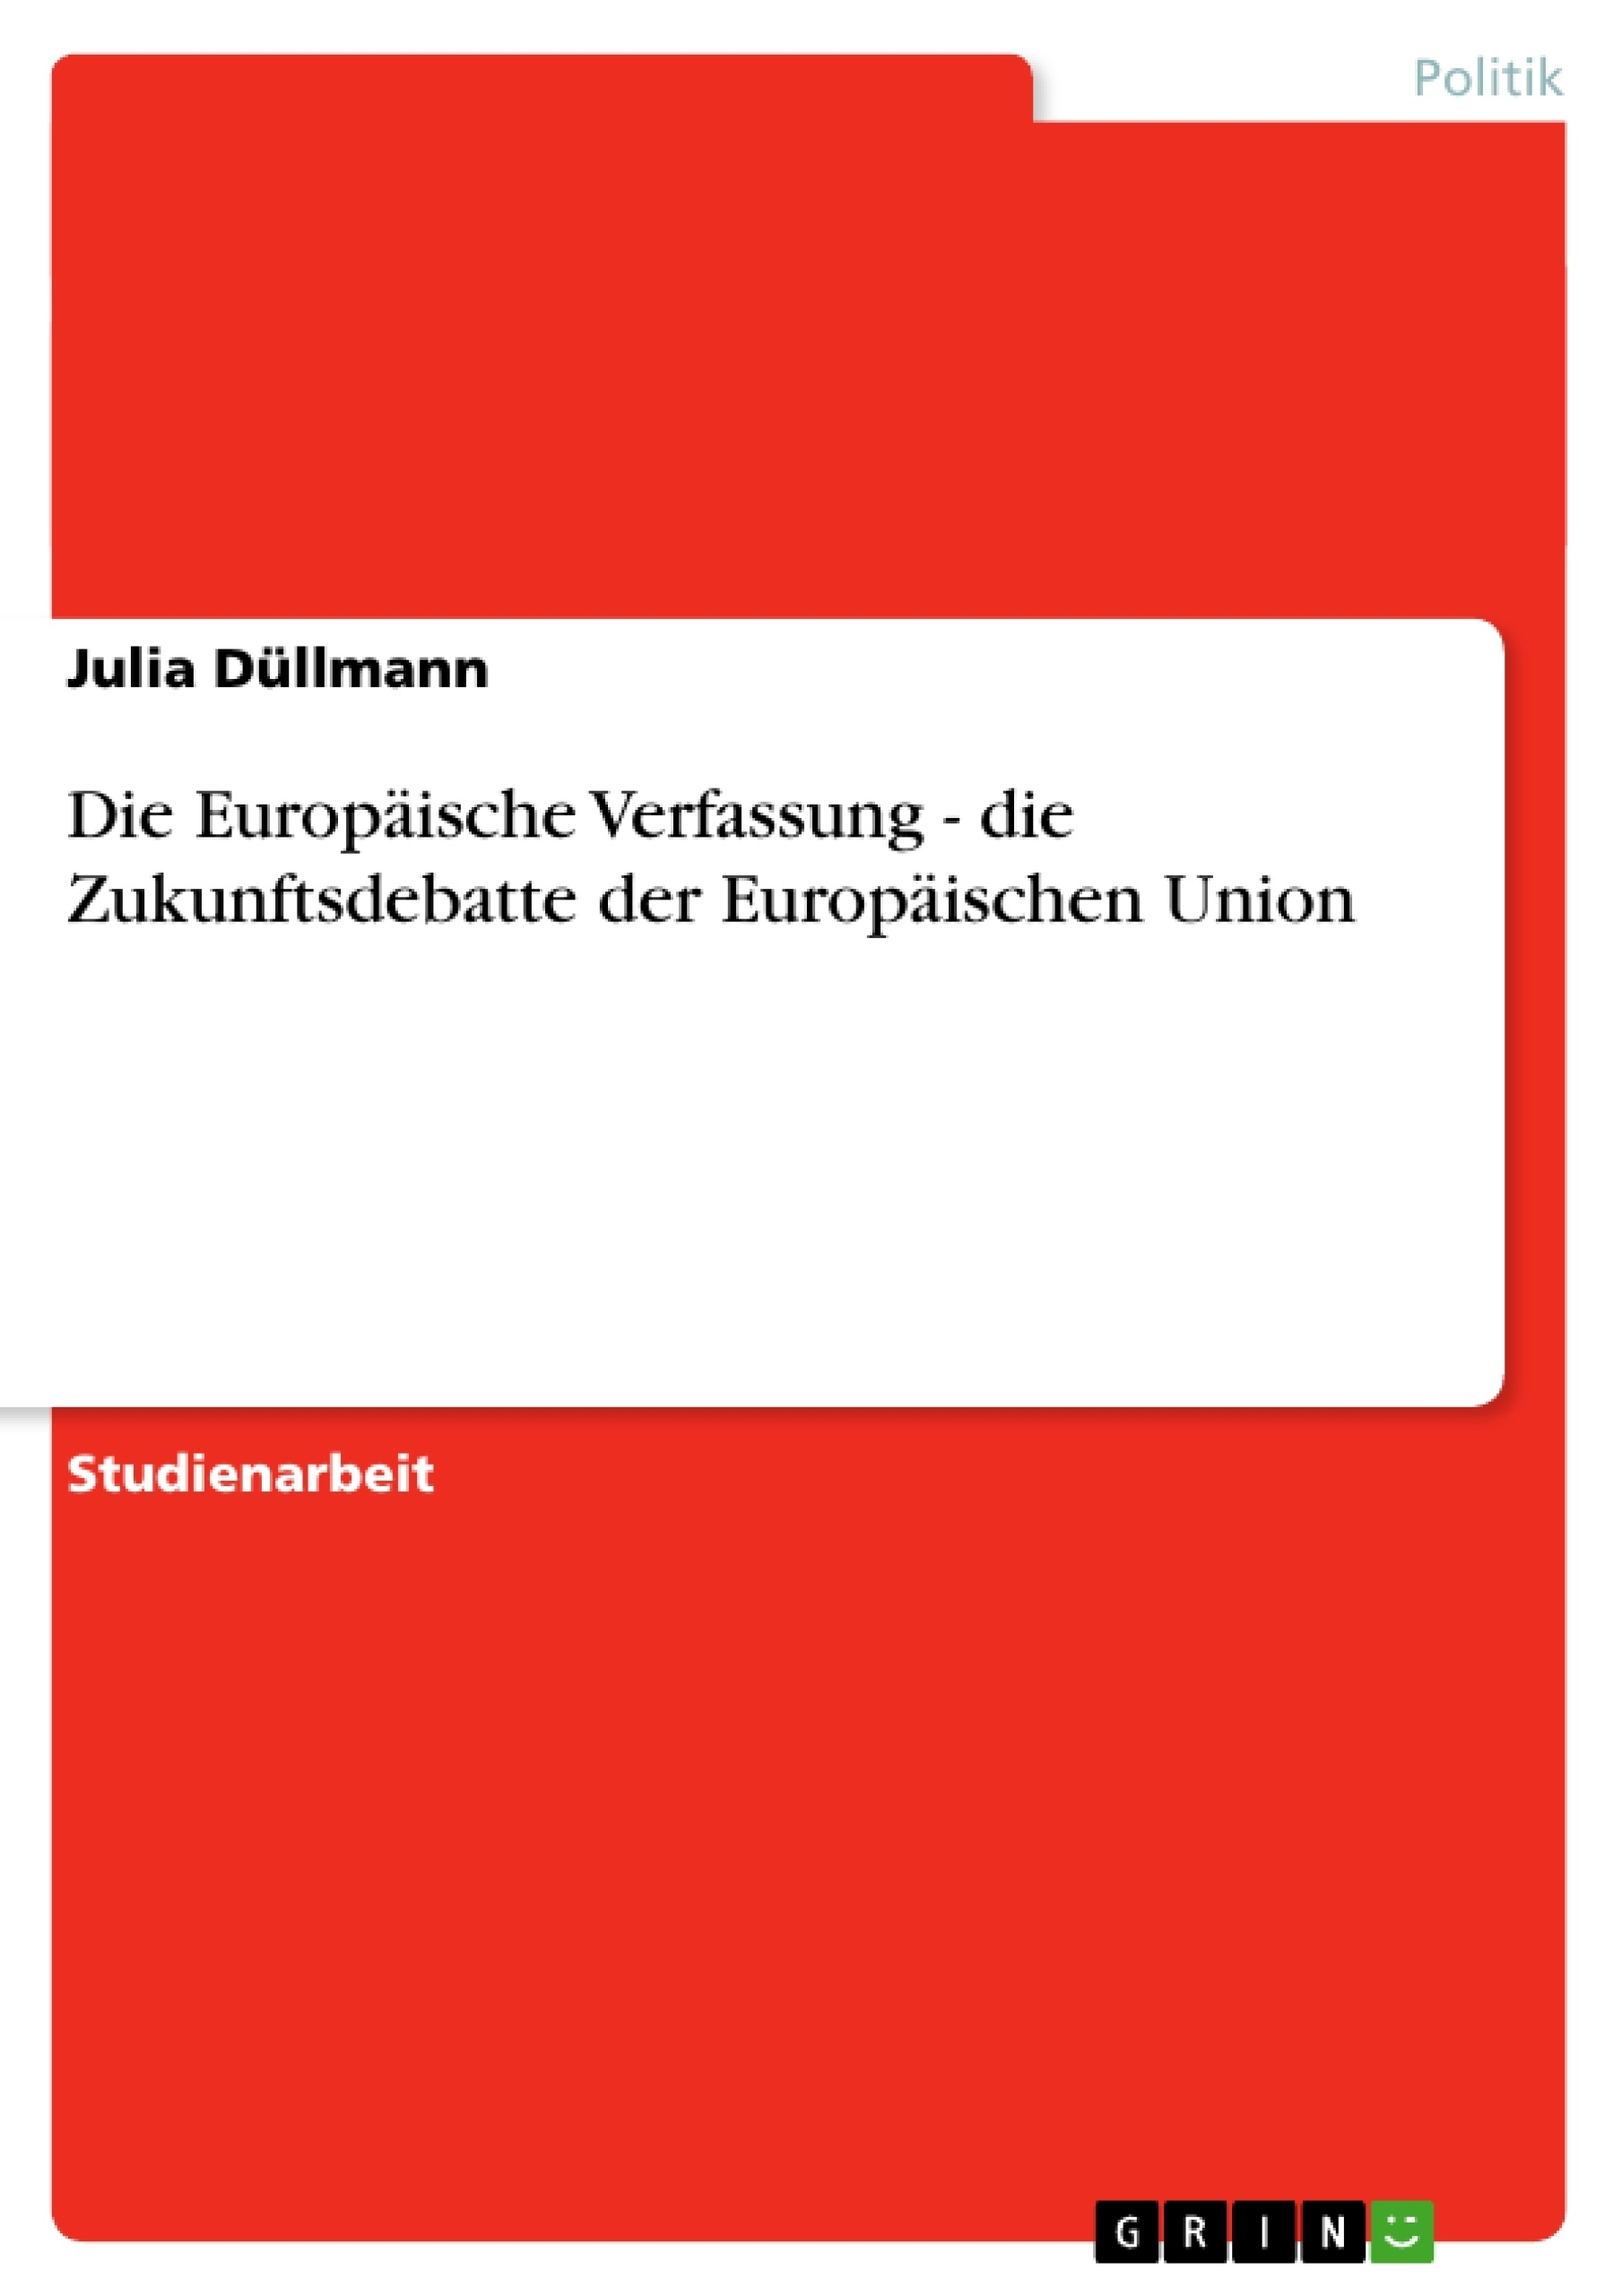 Titel: Die Europäische Verfassung - die Zukunftsdebatte der Europäischen Union